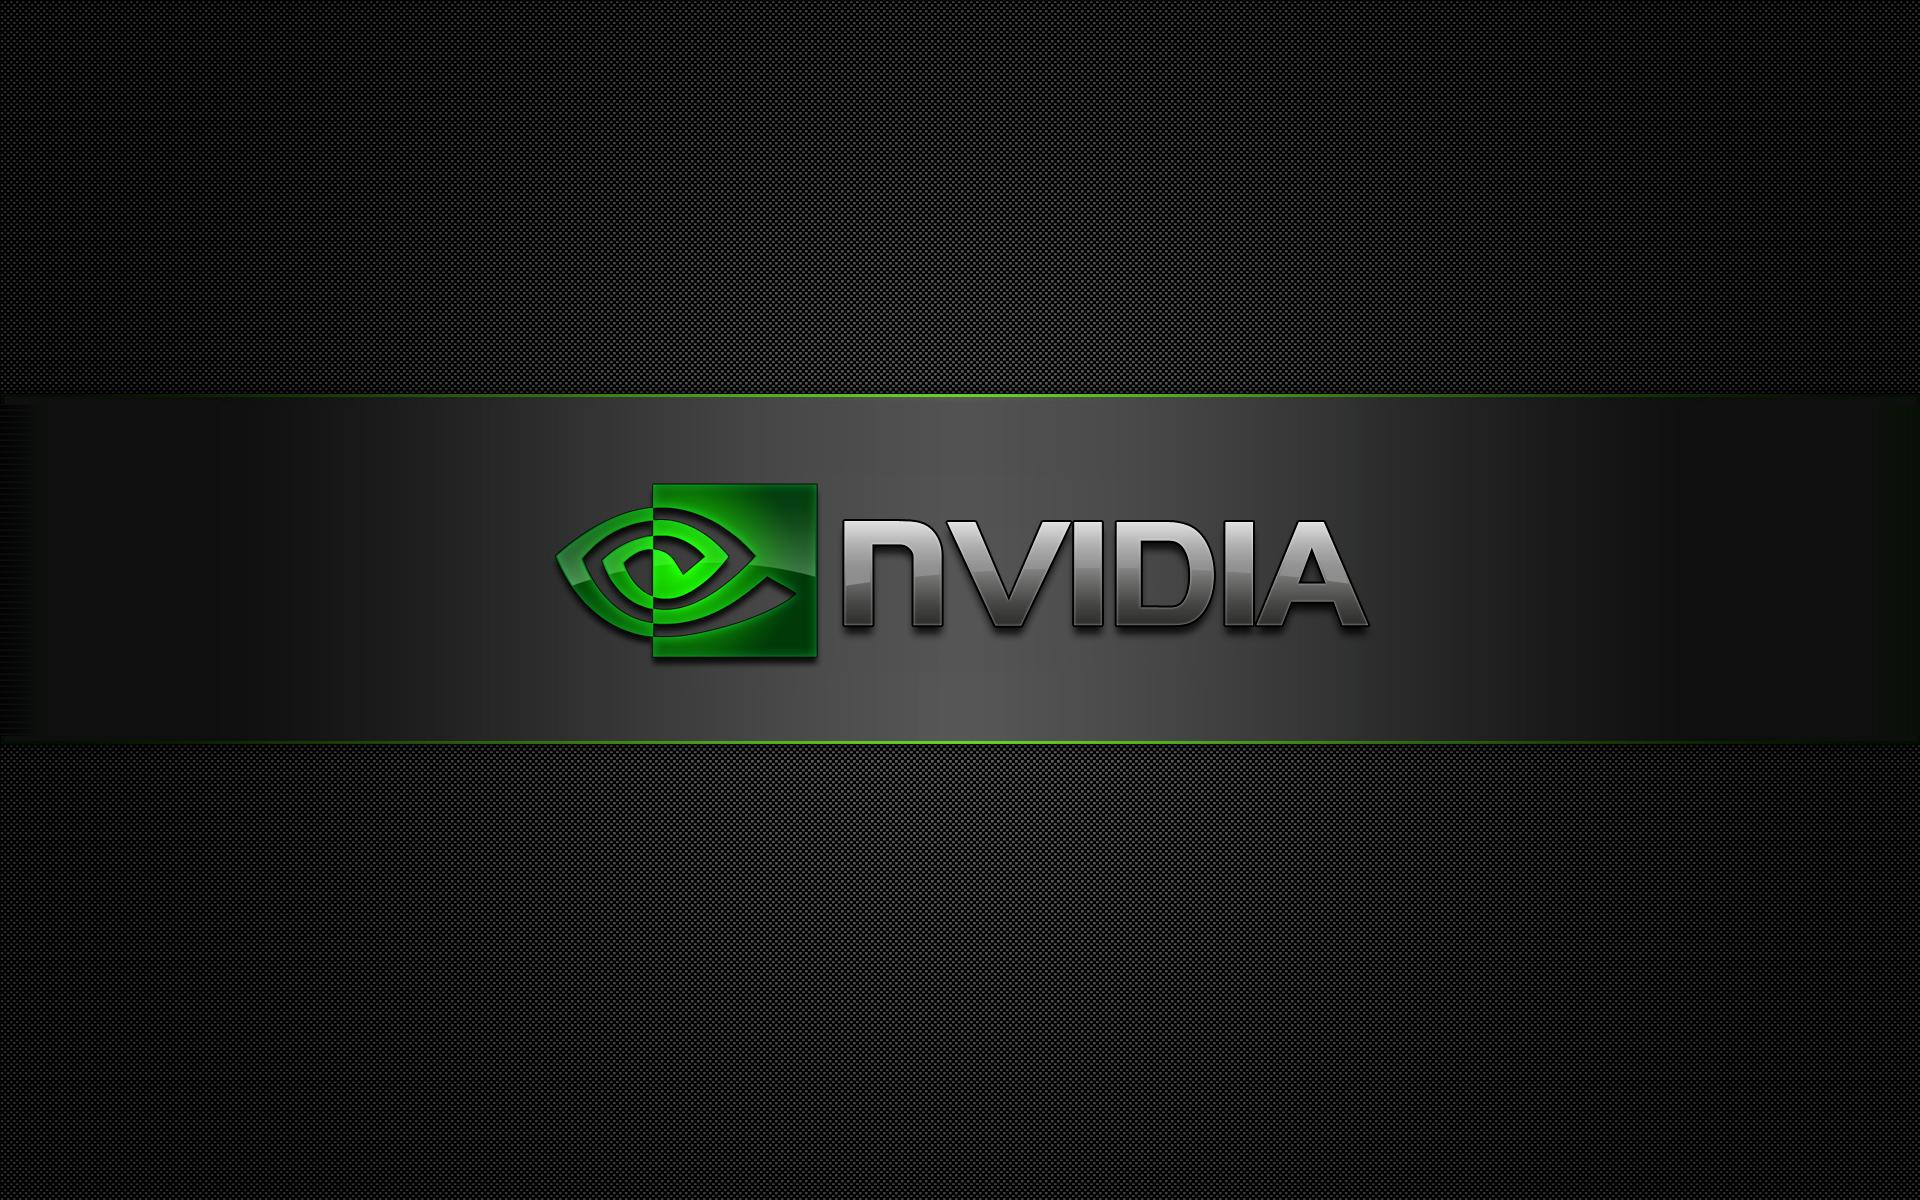 nvidia_4_by_mullet-d39maqd.jpg